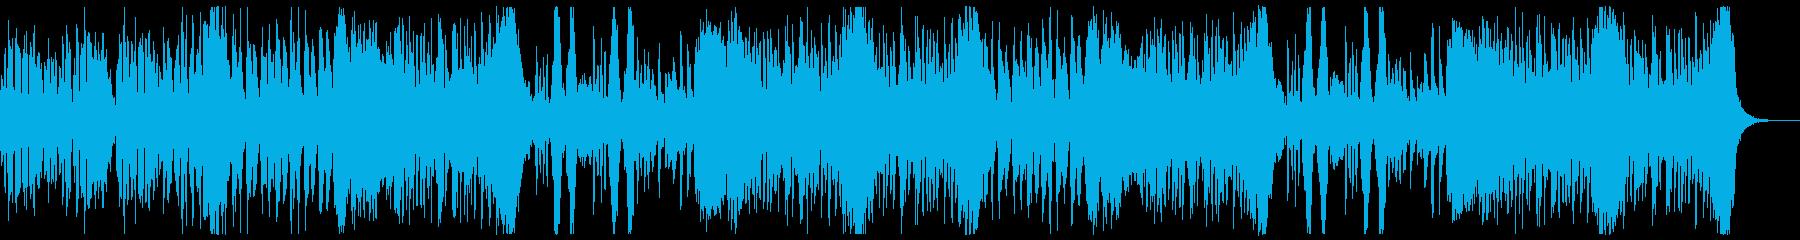 小悪魔やかわいいオバケ・ハロウィンの再生済みの波形